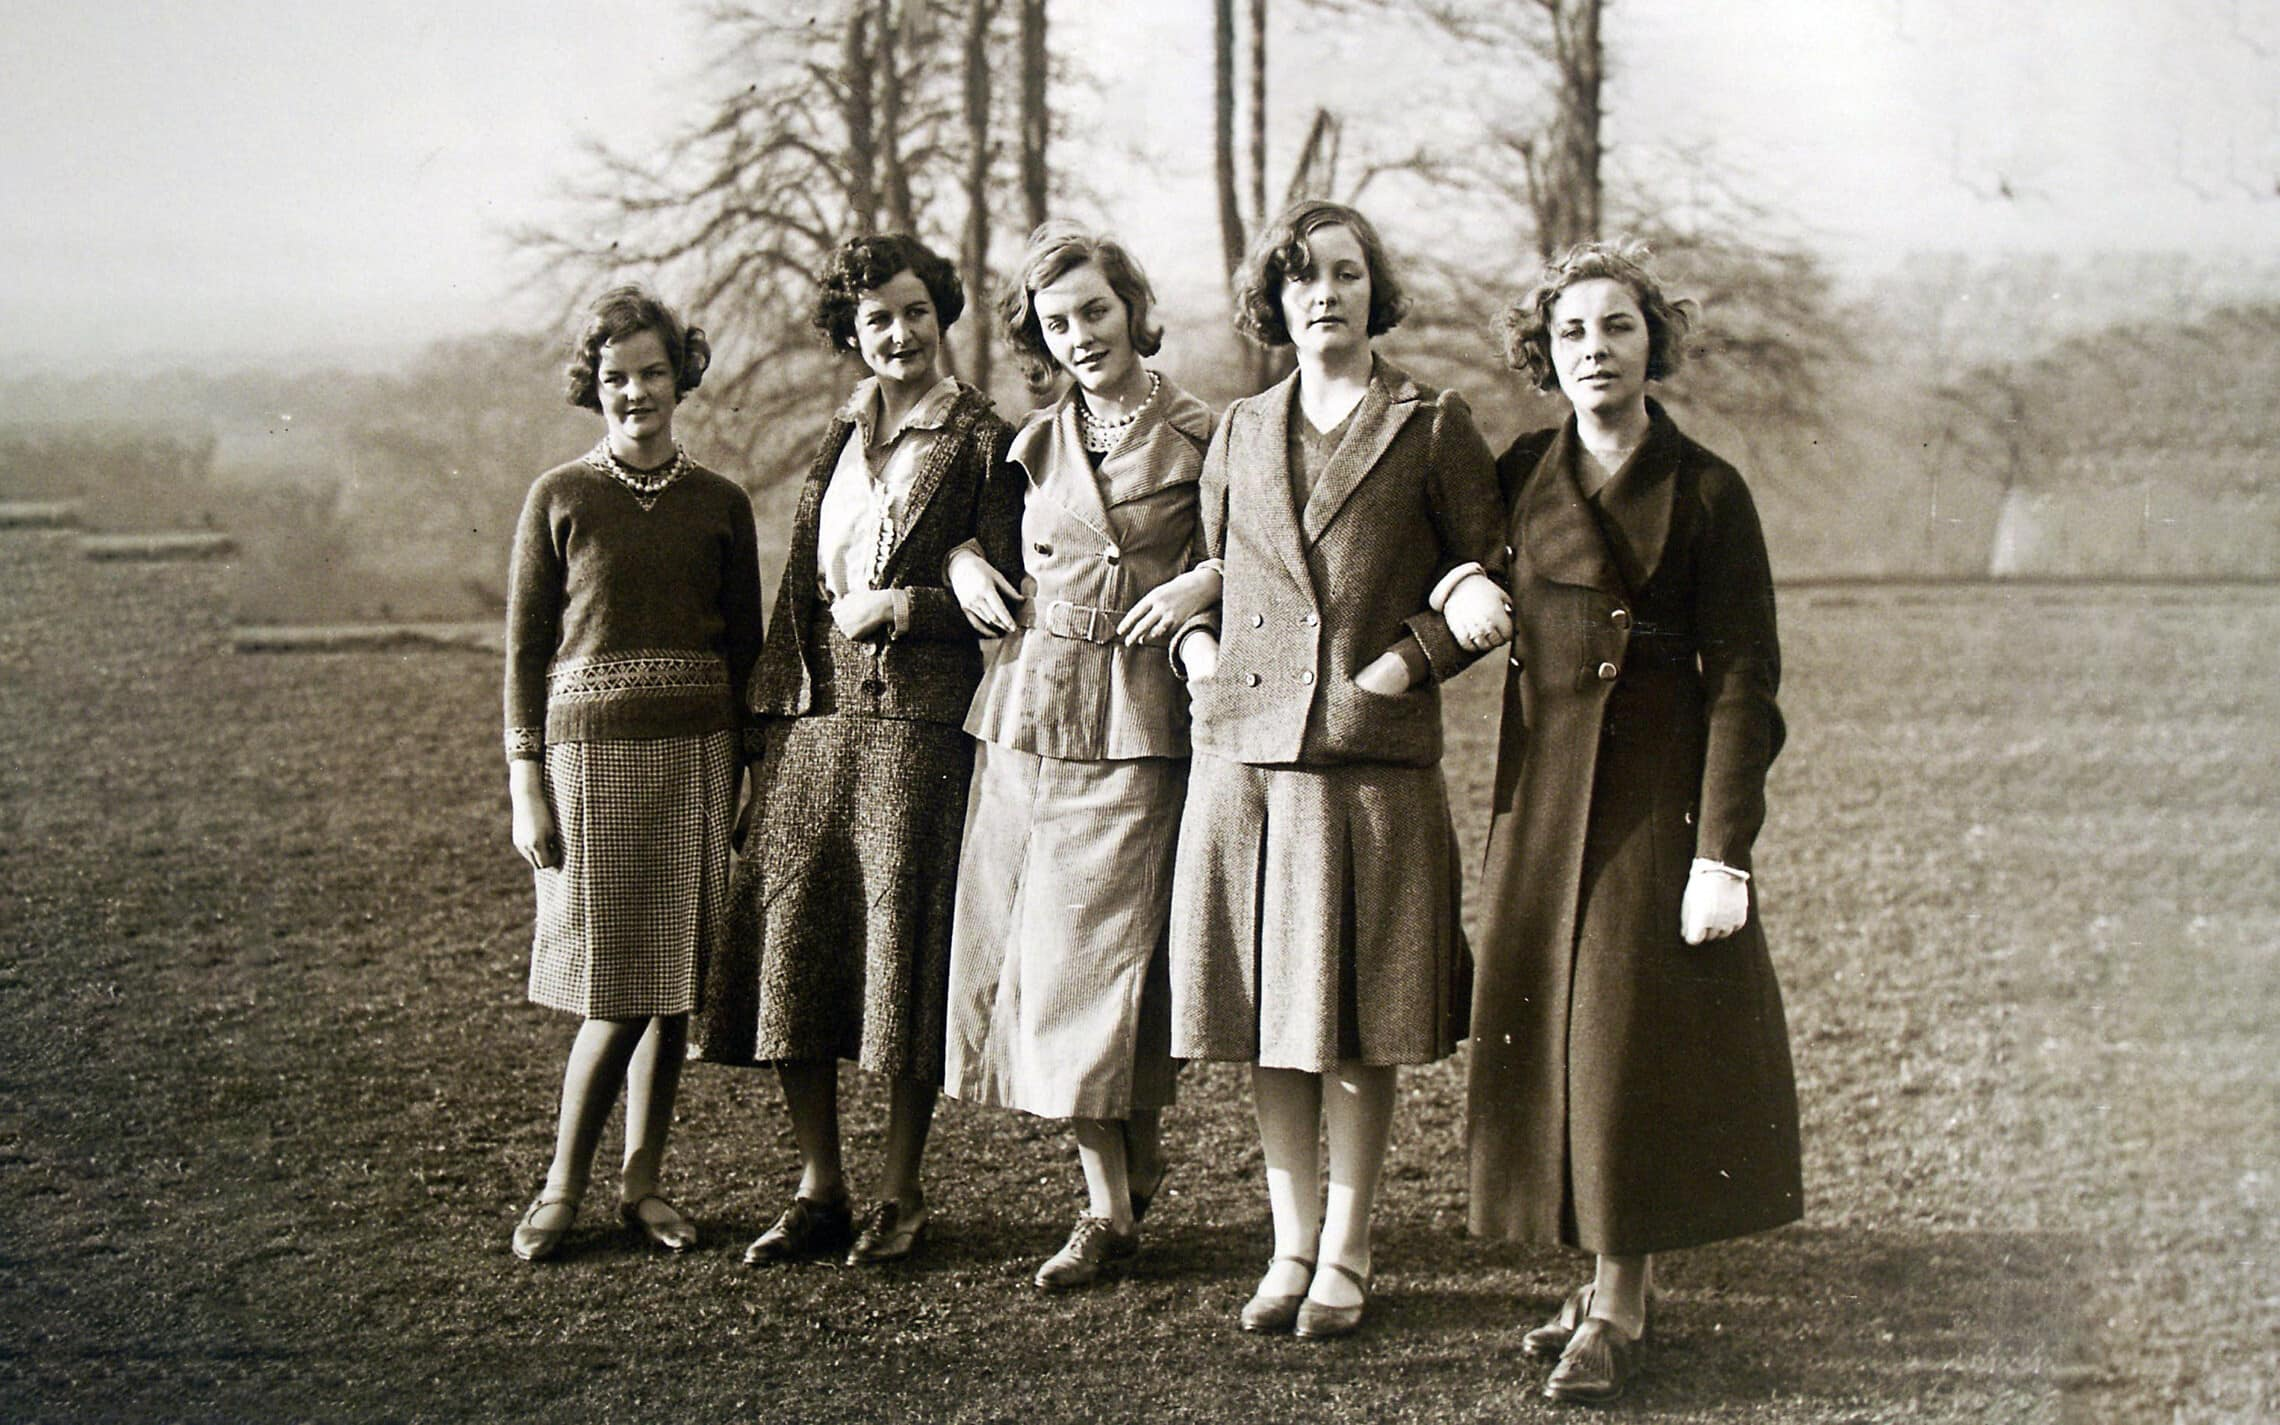 חמש מששת האחיות מיטפורד, מימין: פמלה, יוניטי, דיאנה, ננסי וג'סיקה (צילום: ויקיפדיה)